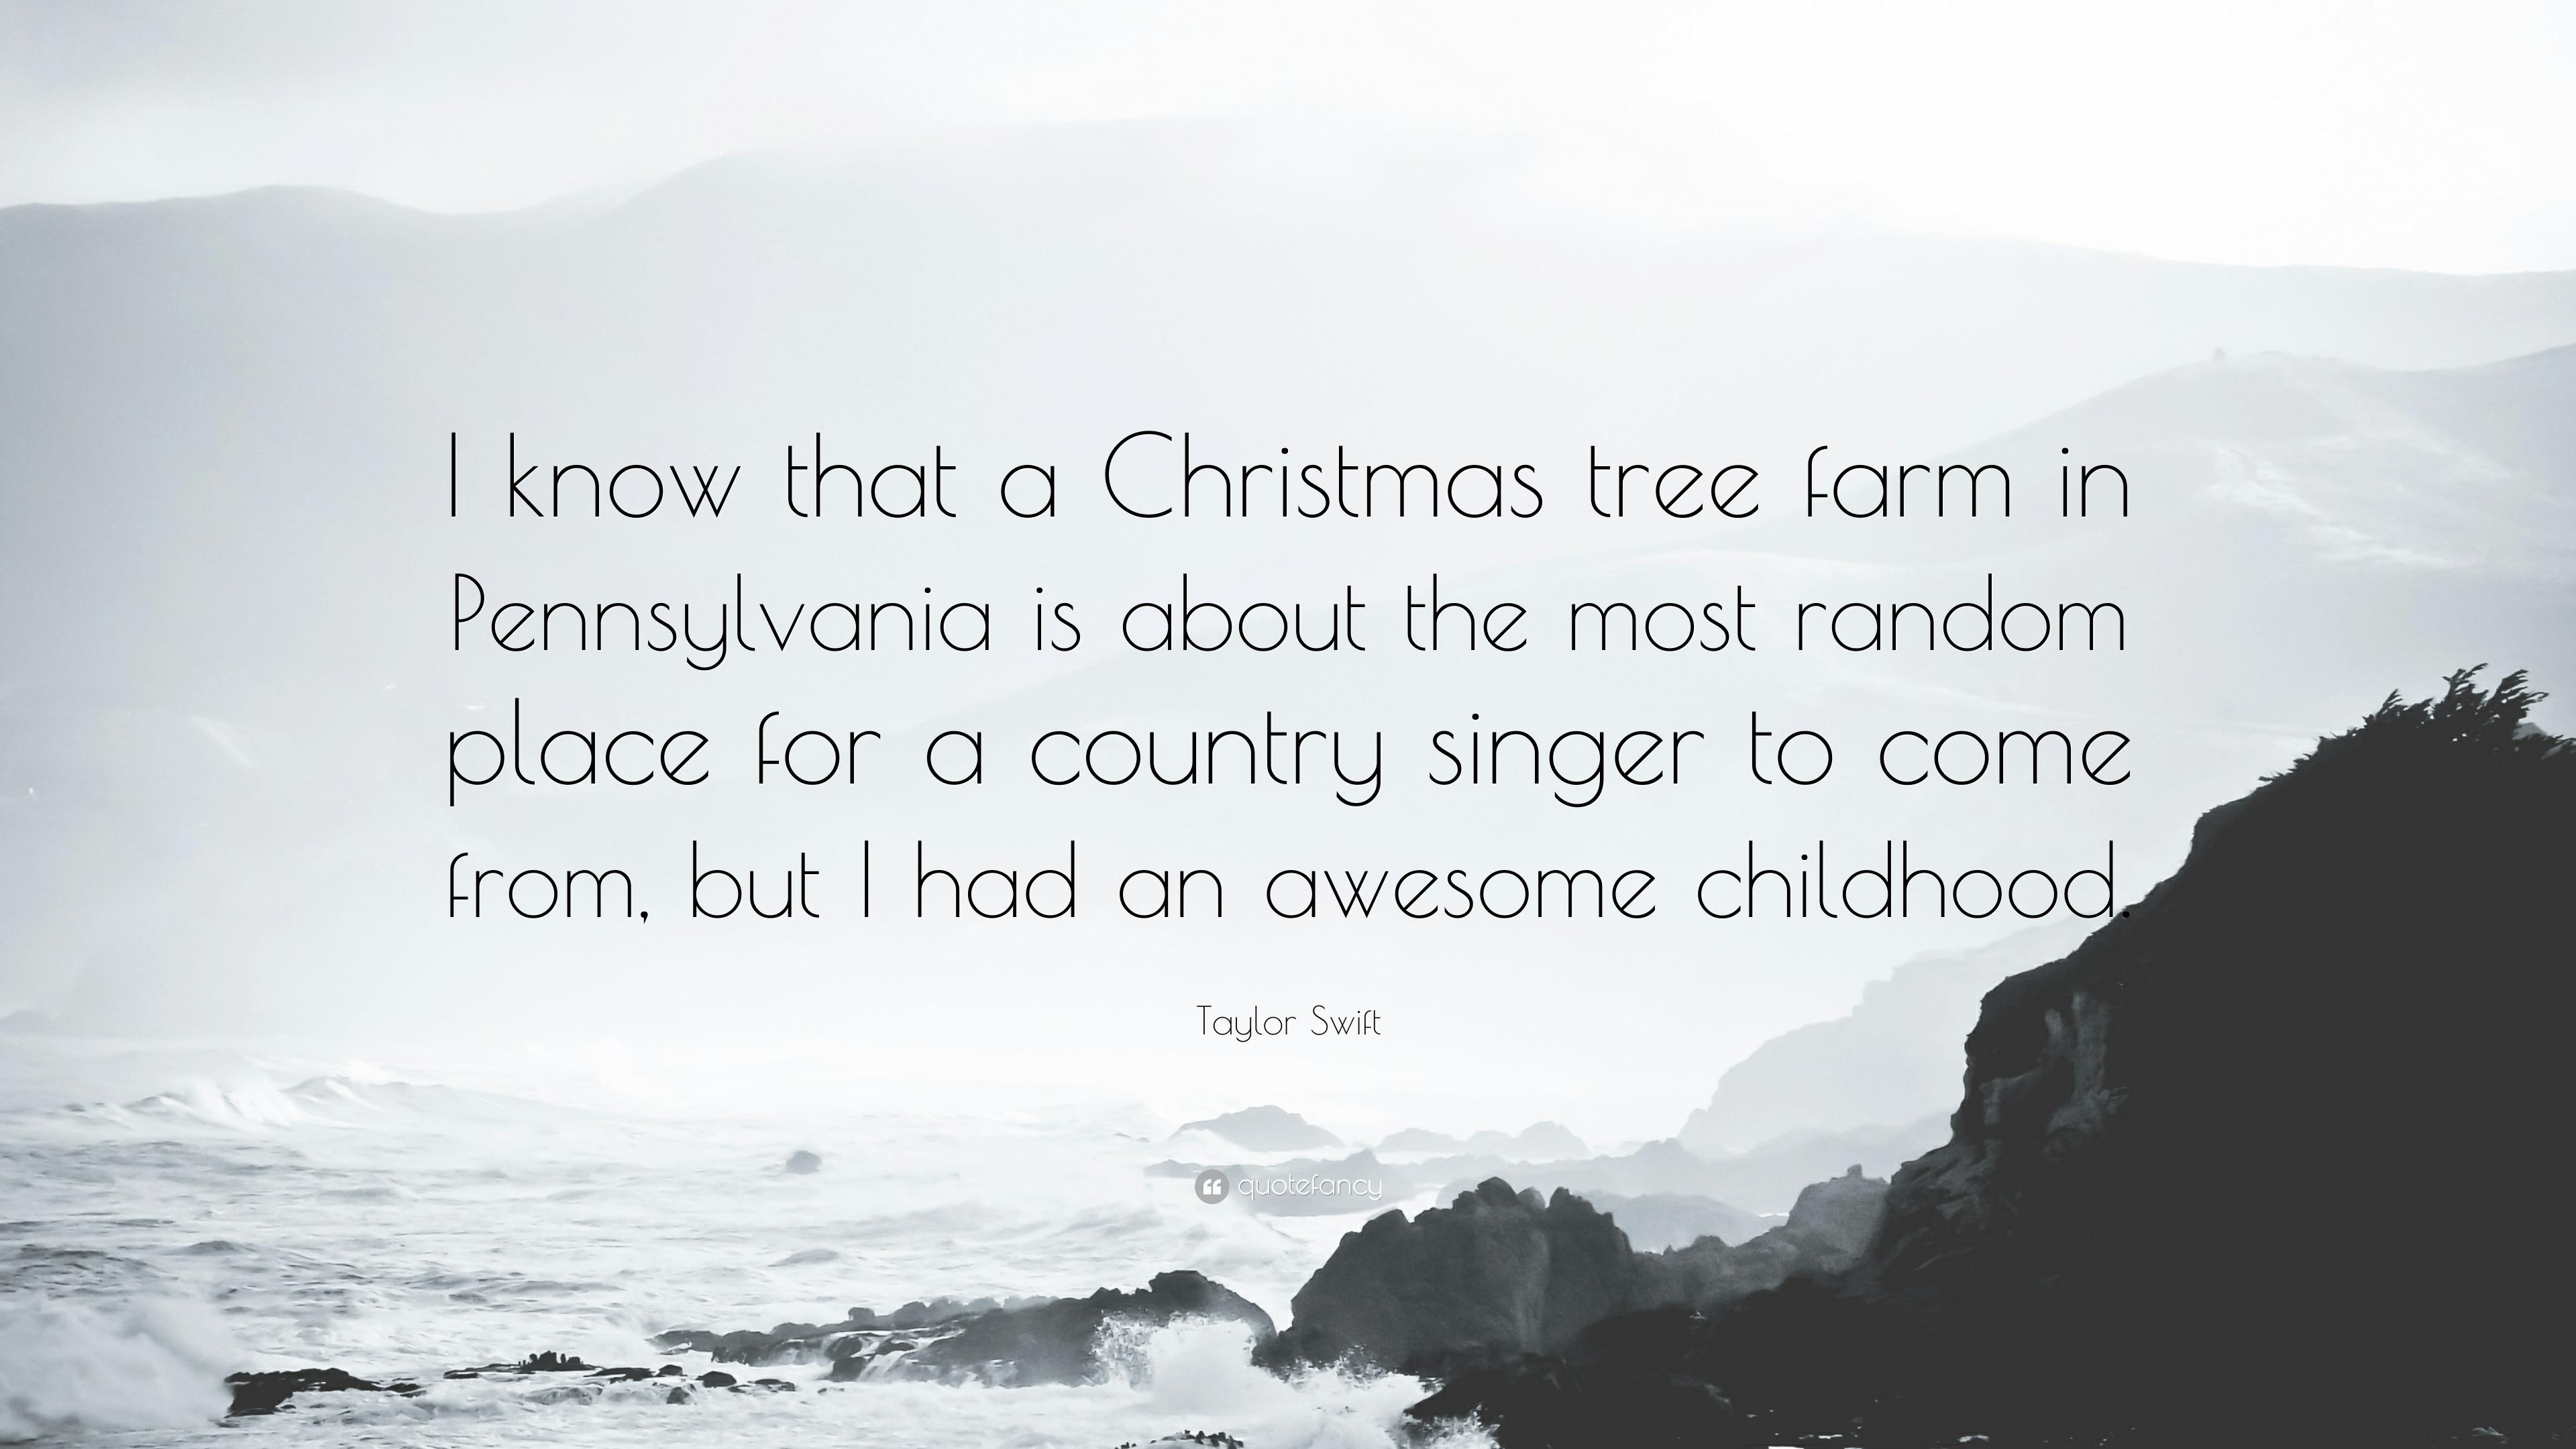 I know that a Christmas tree farm